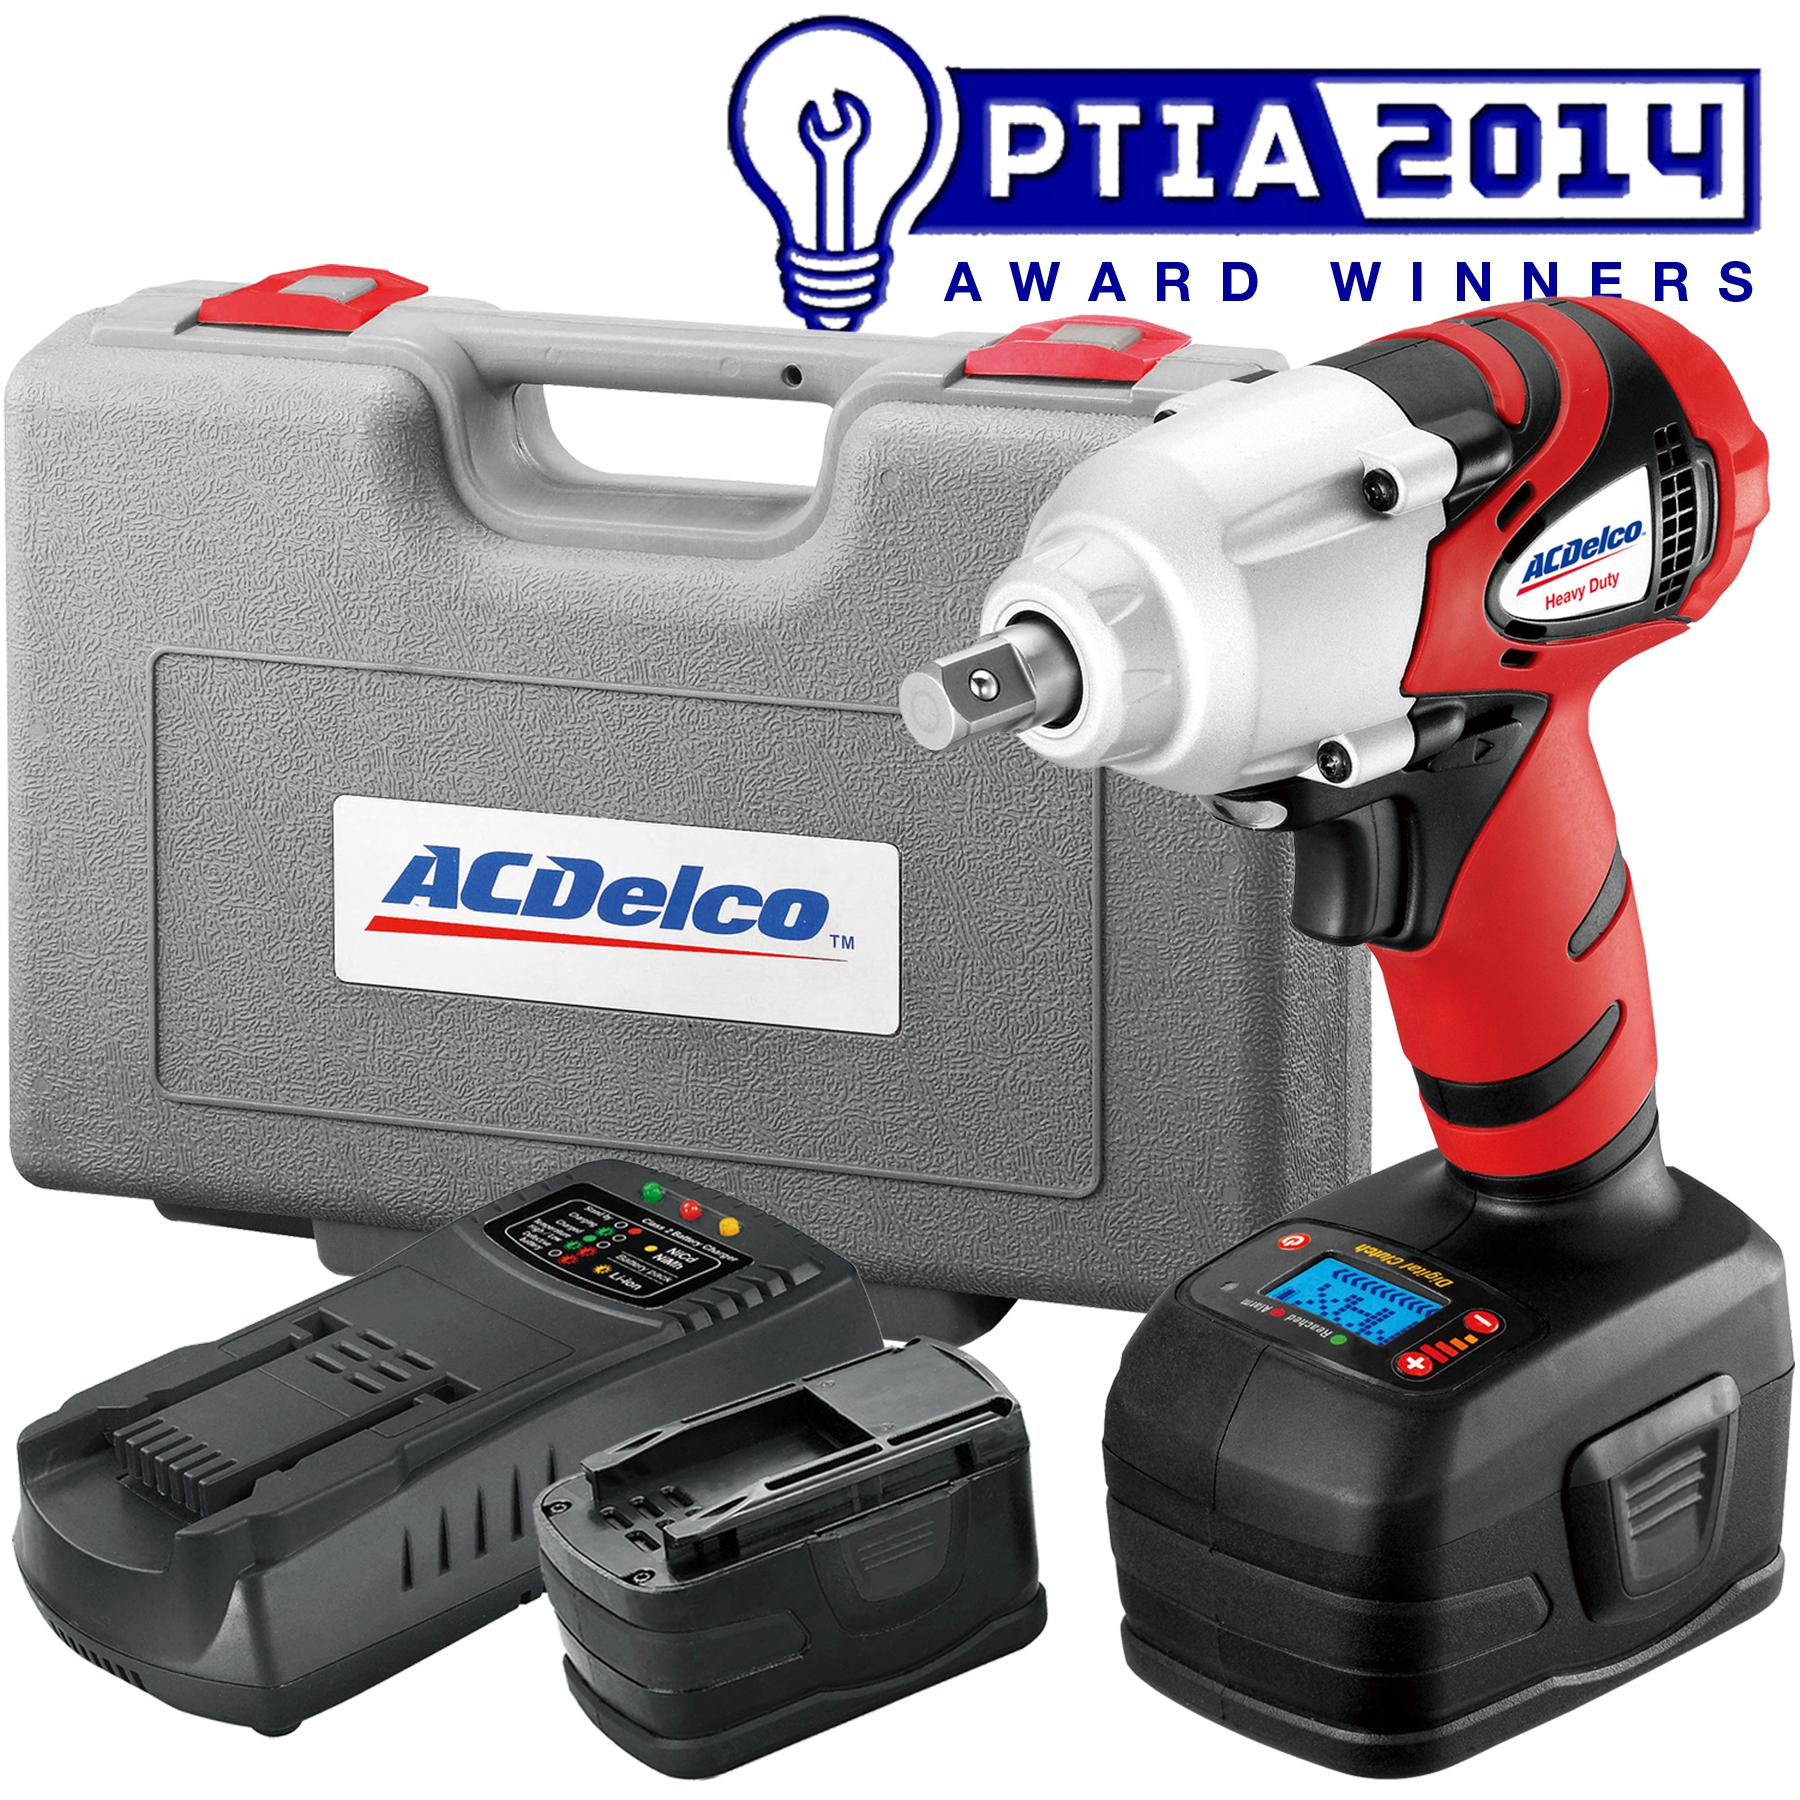 """ACDelco ARI2064B Li-ion 18V 1/2"""" Impact Wrench w/ Digital Clutch KIT"""